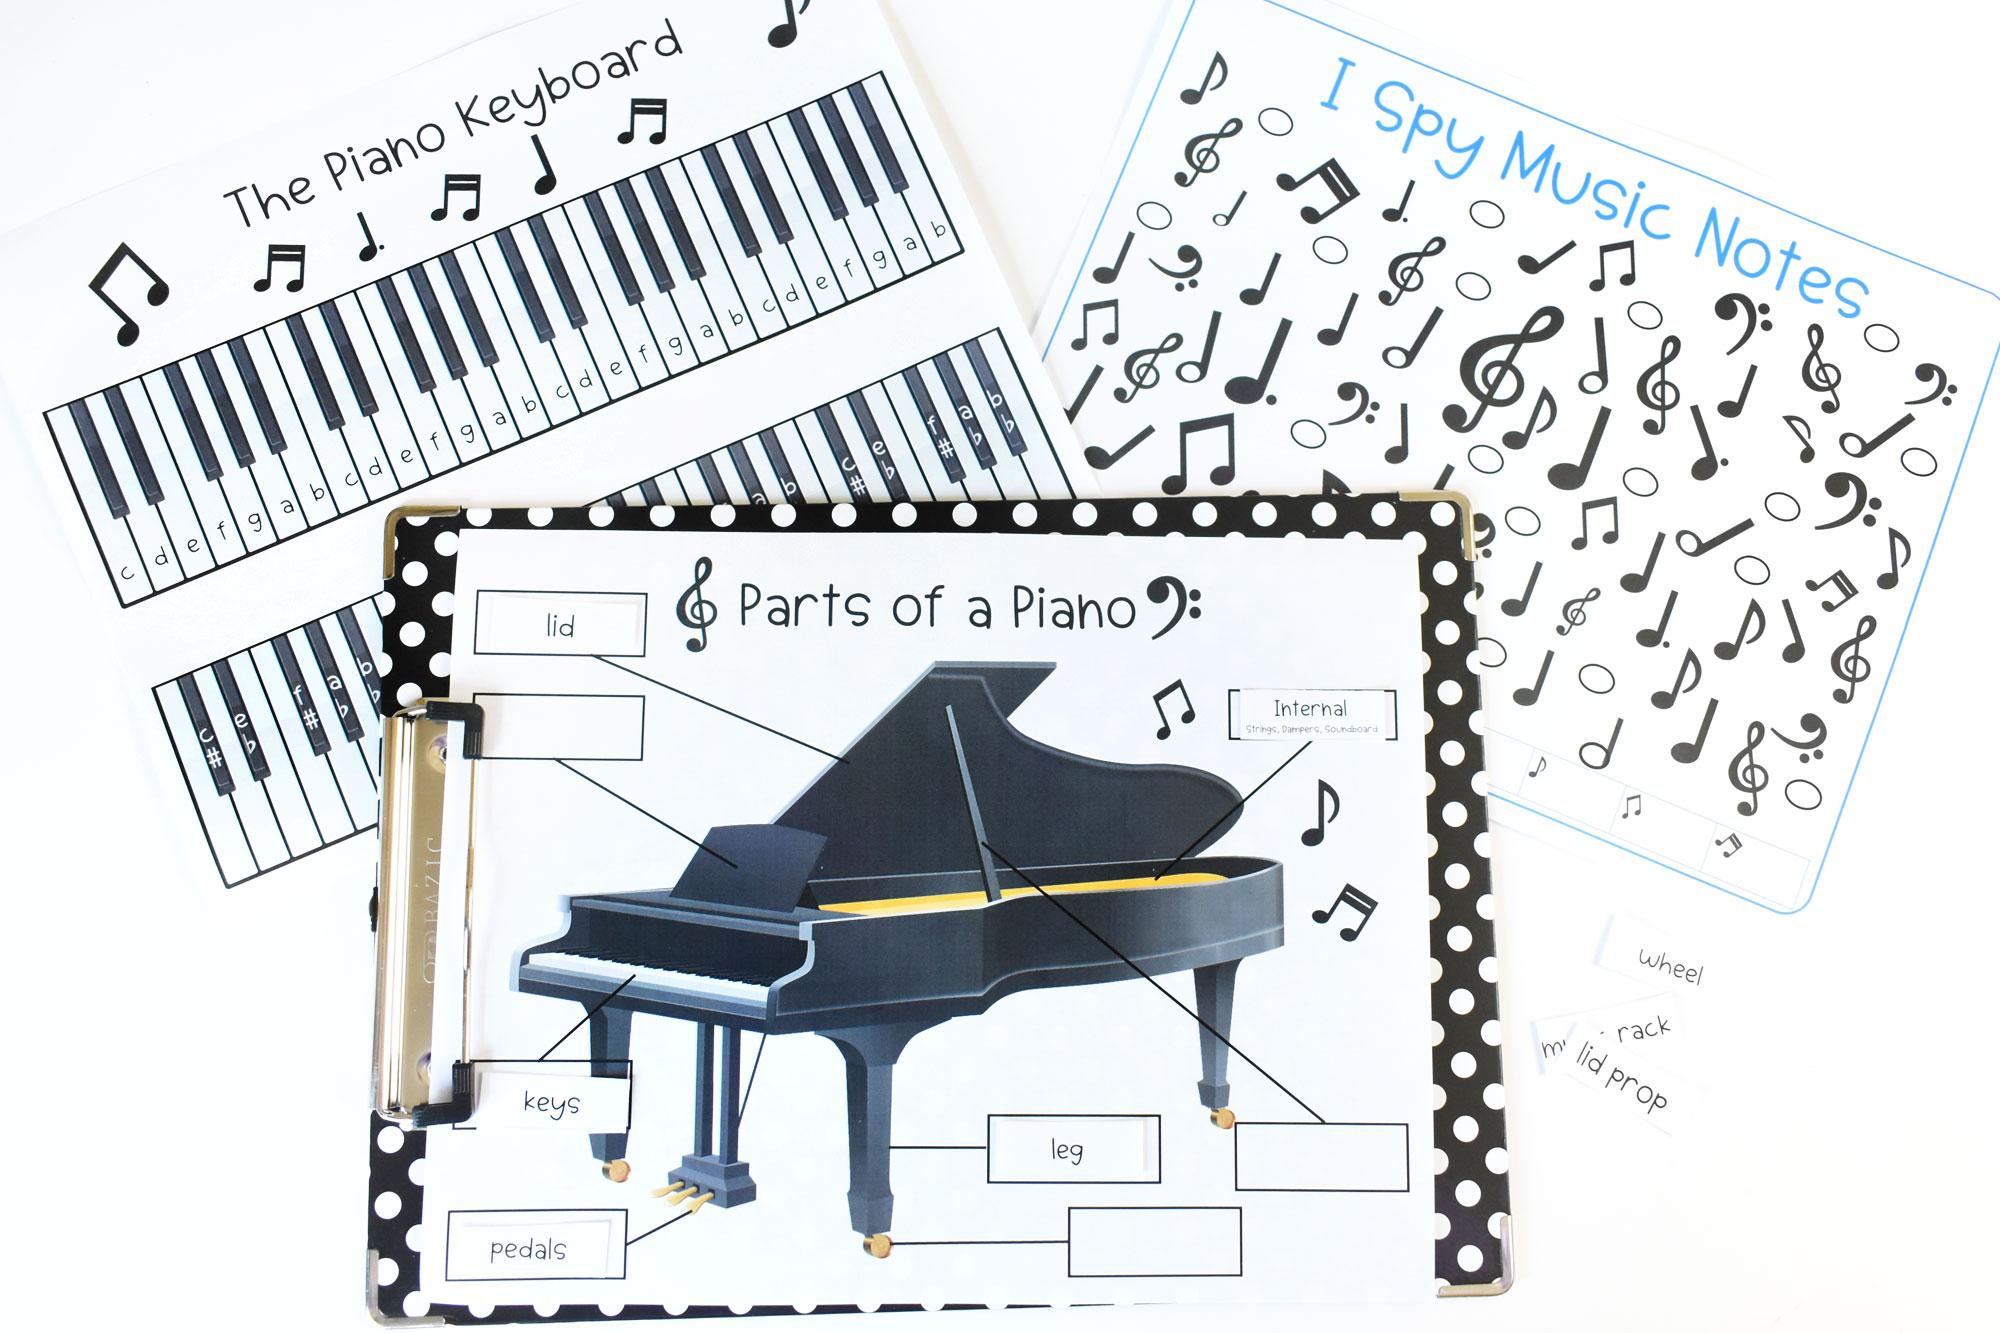 Piano Music Printable Bundle for Kids | HolidayPrintables.net #music #piano #pianoday #printables #homeschoolprintables #printablesforkids #musicprintables #holidayprintables #weloveprintables #educationprintables